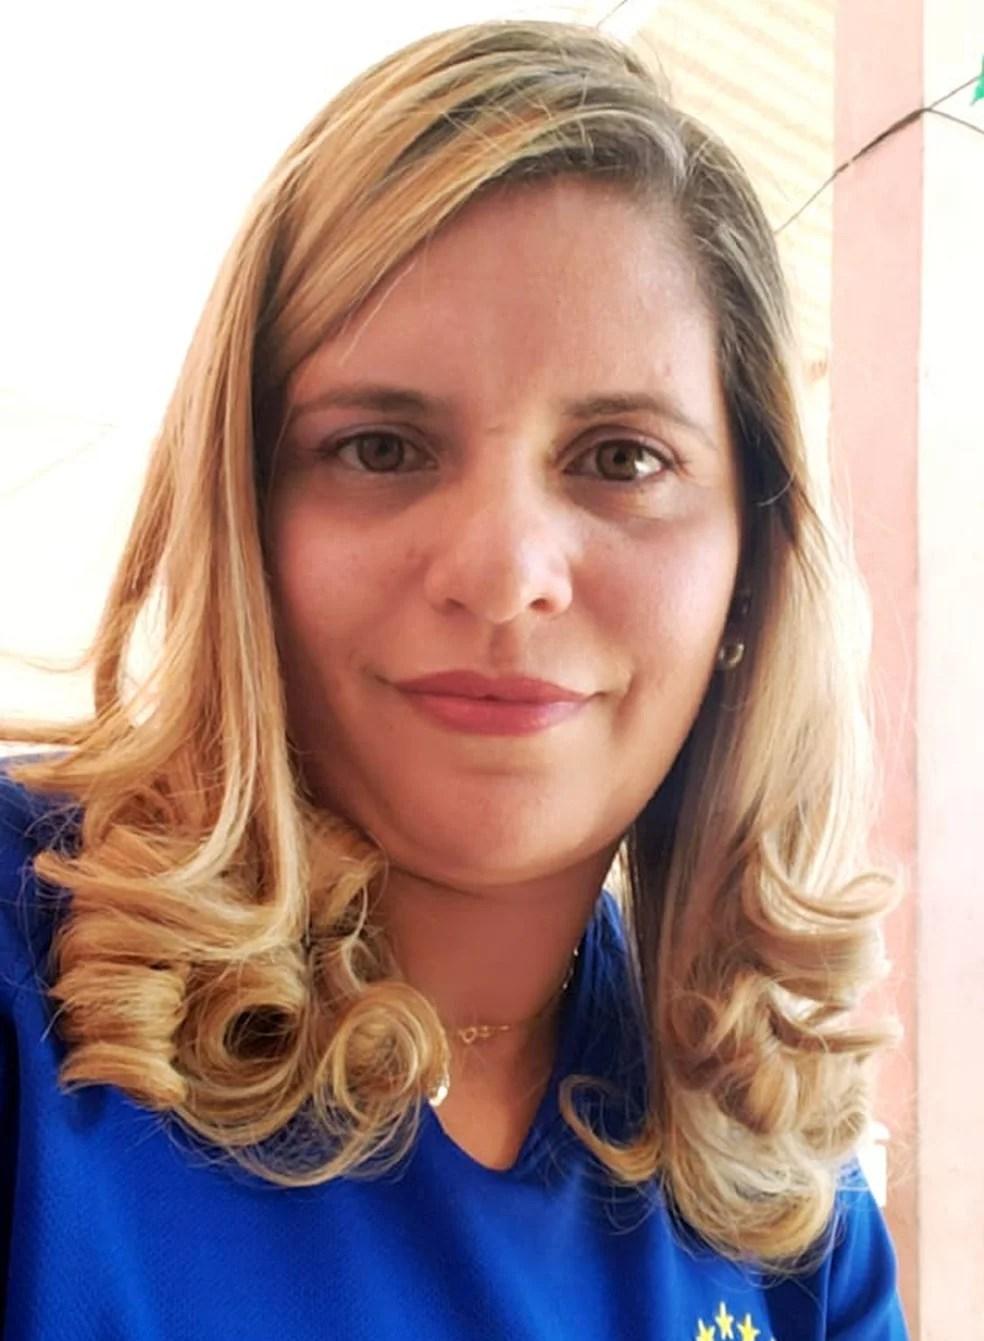 Professora acreana morre de Covid cinco dias depois de perder o irmão para a doença: 'devastados'